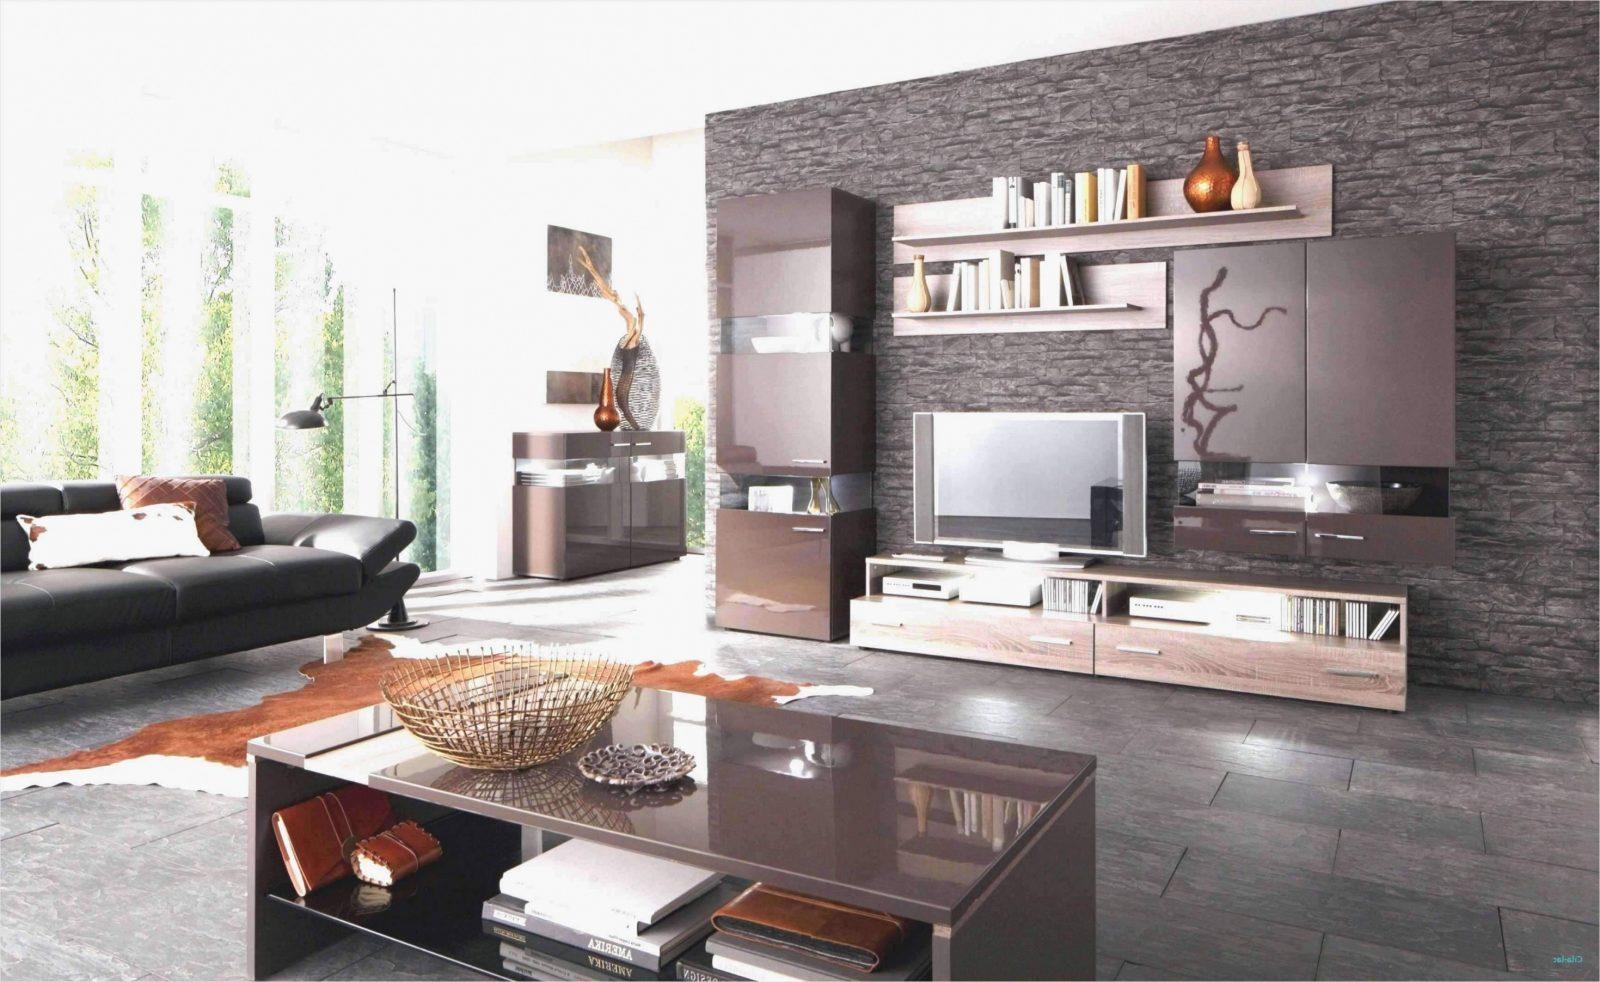 Elegant Wohnzimmer Ideen Landhausstil  Haus Dekoration von Moderner Landhausstil Dekoration Bild